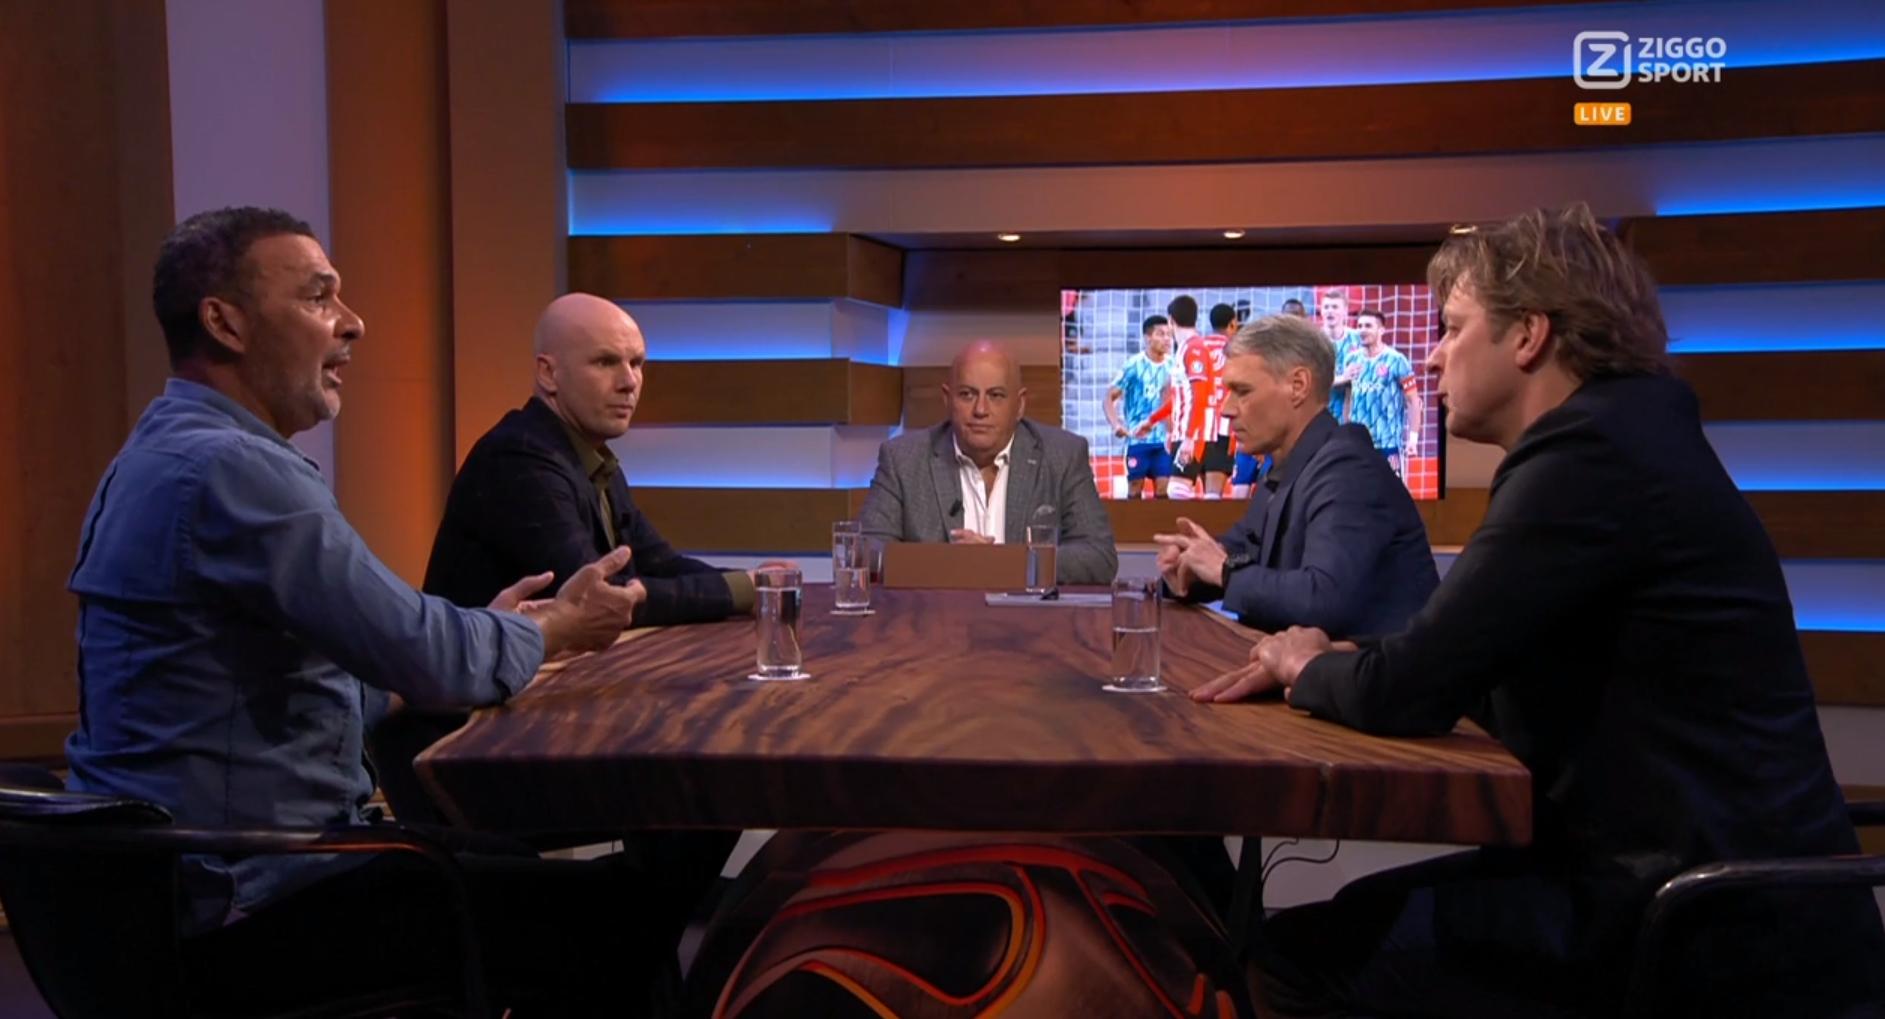 Discussie tijdens Rondo over Martínez: 'We hebben er al ruzie over gehad' - Voetbalzone.nl